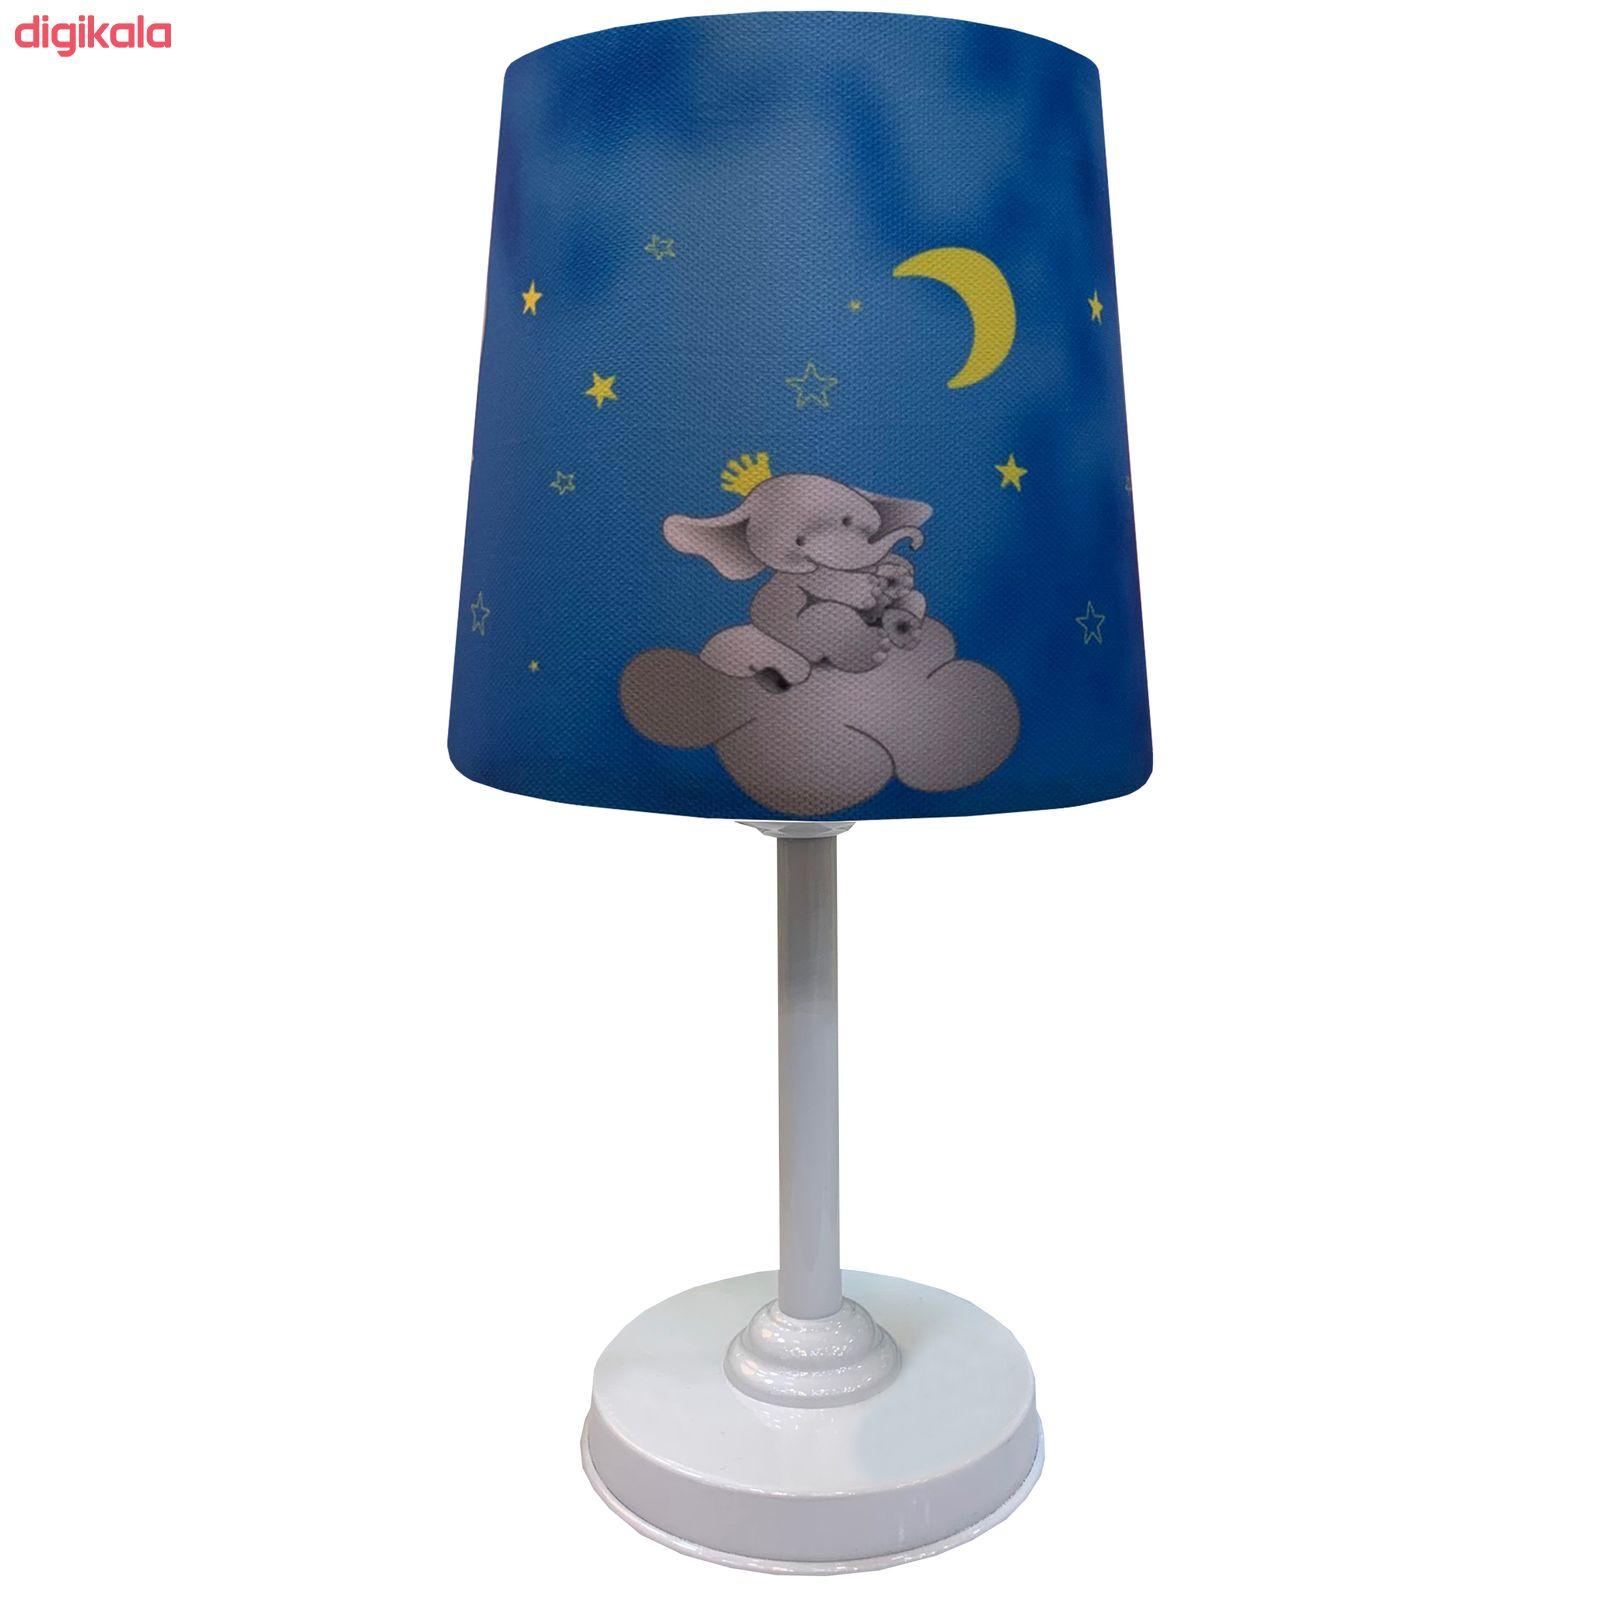 چراغ رومیزی کودک مدل فیل و تاج به همراه چراغ آویز